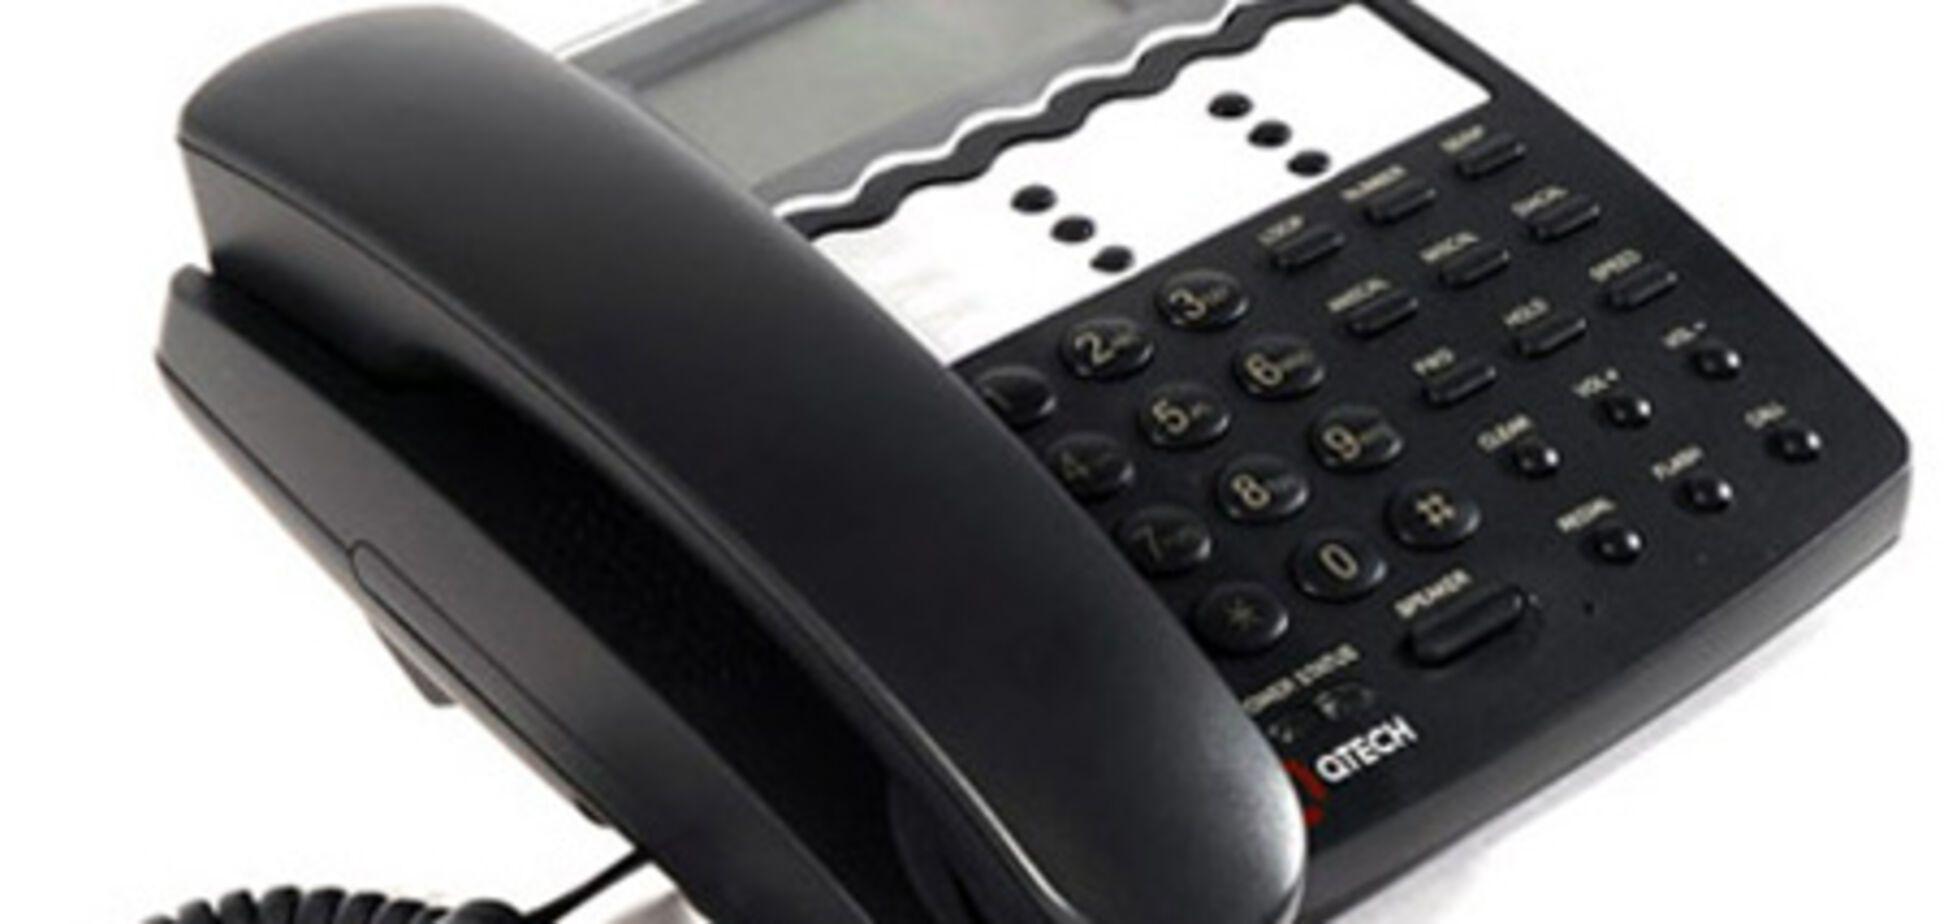 МВС хоче спілкуватися з журналістами по телефону